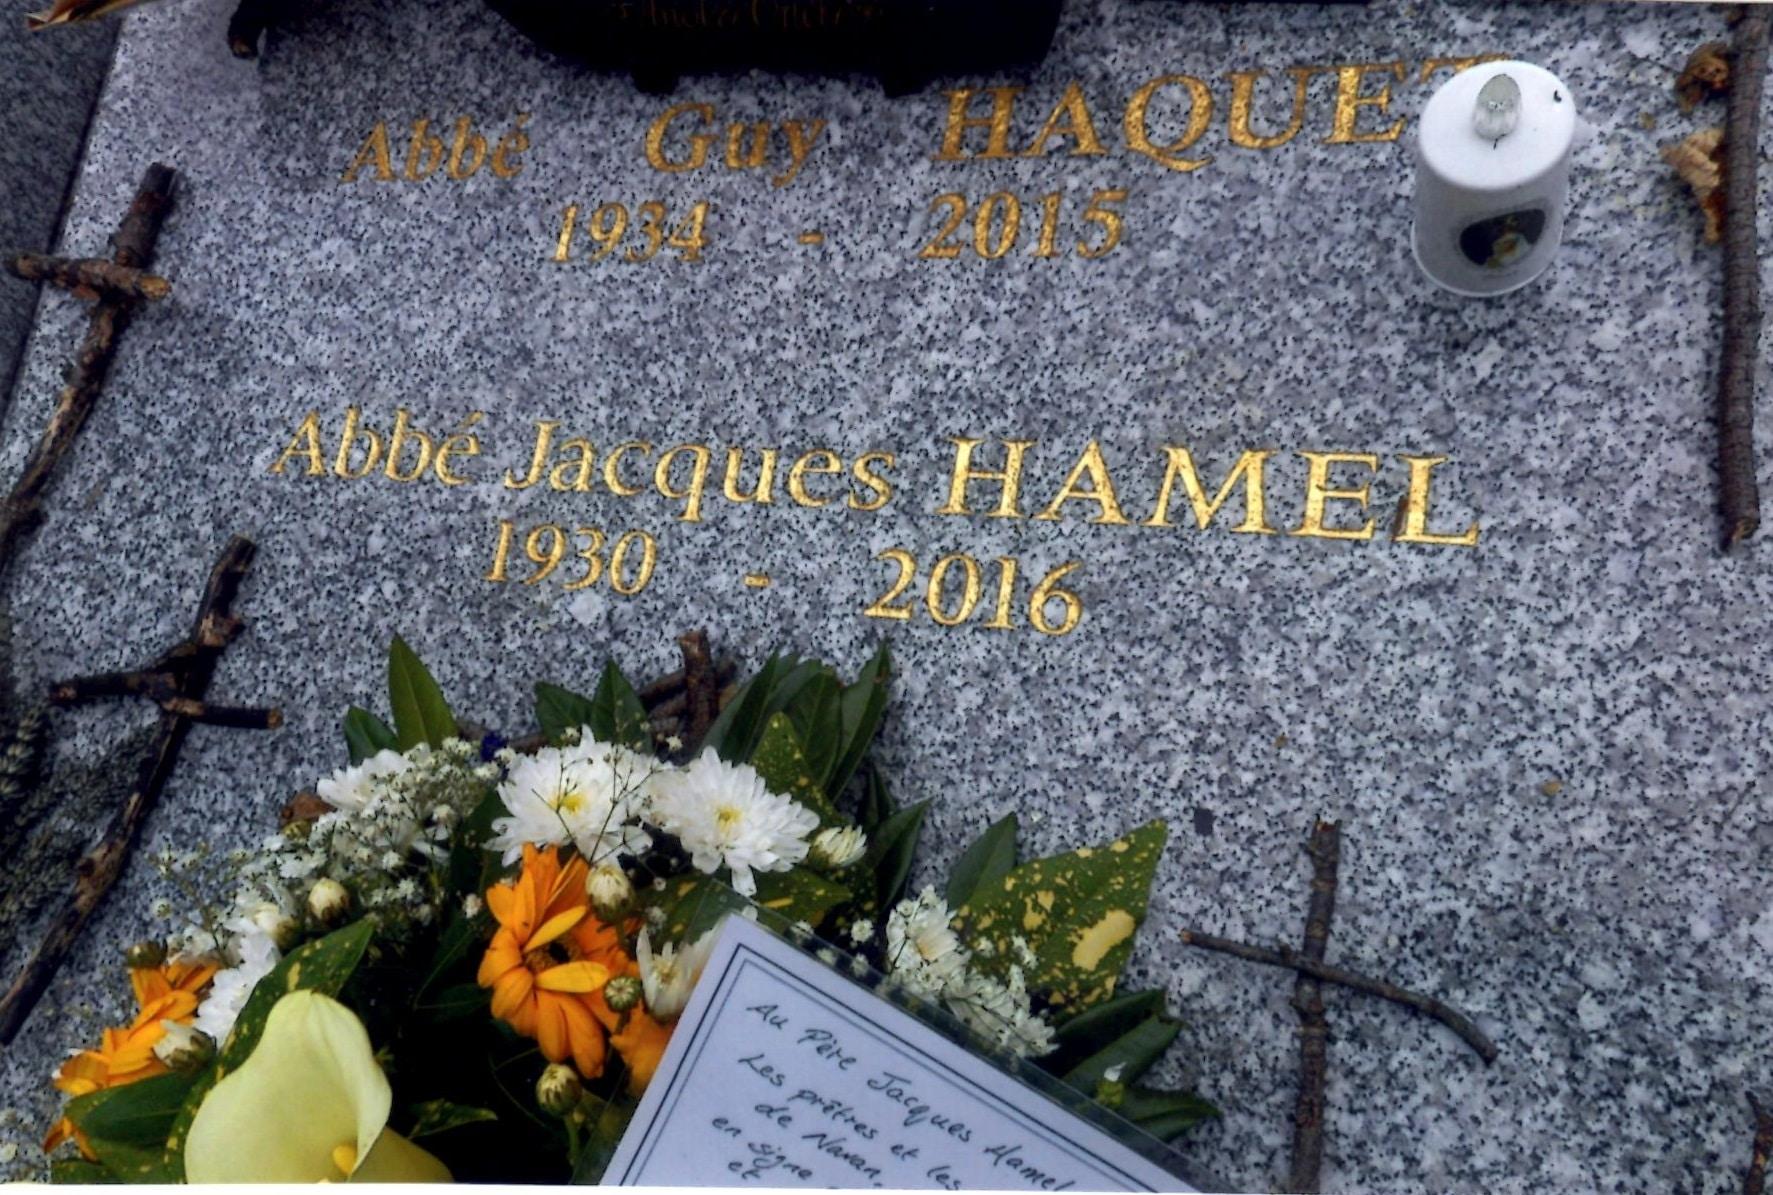 Graf Jacques Hamel